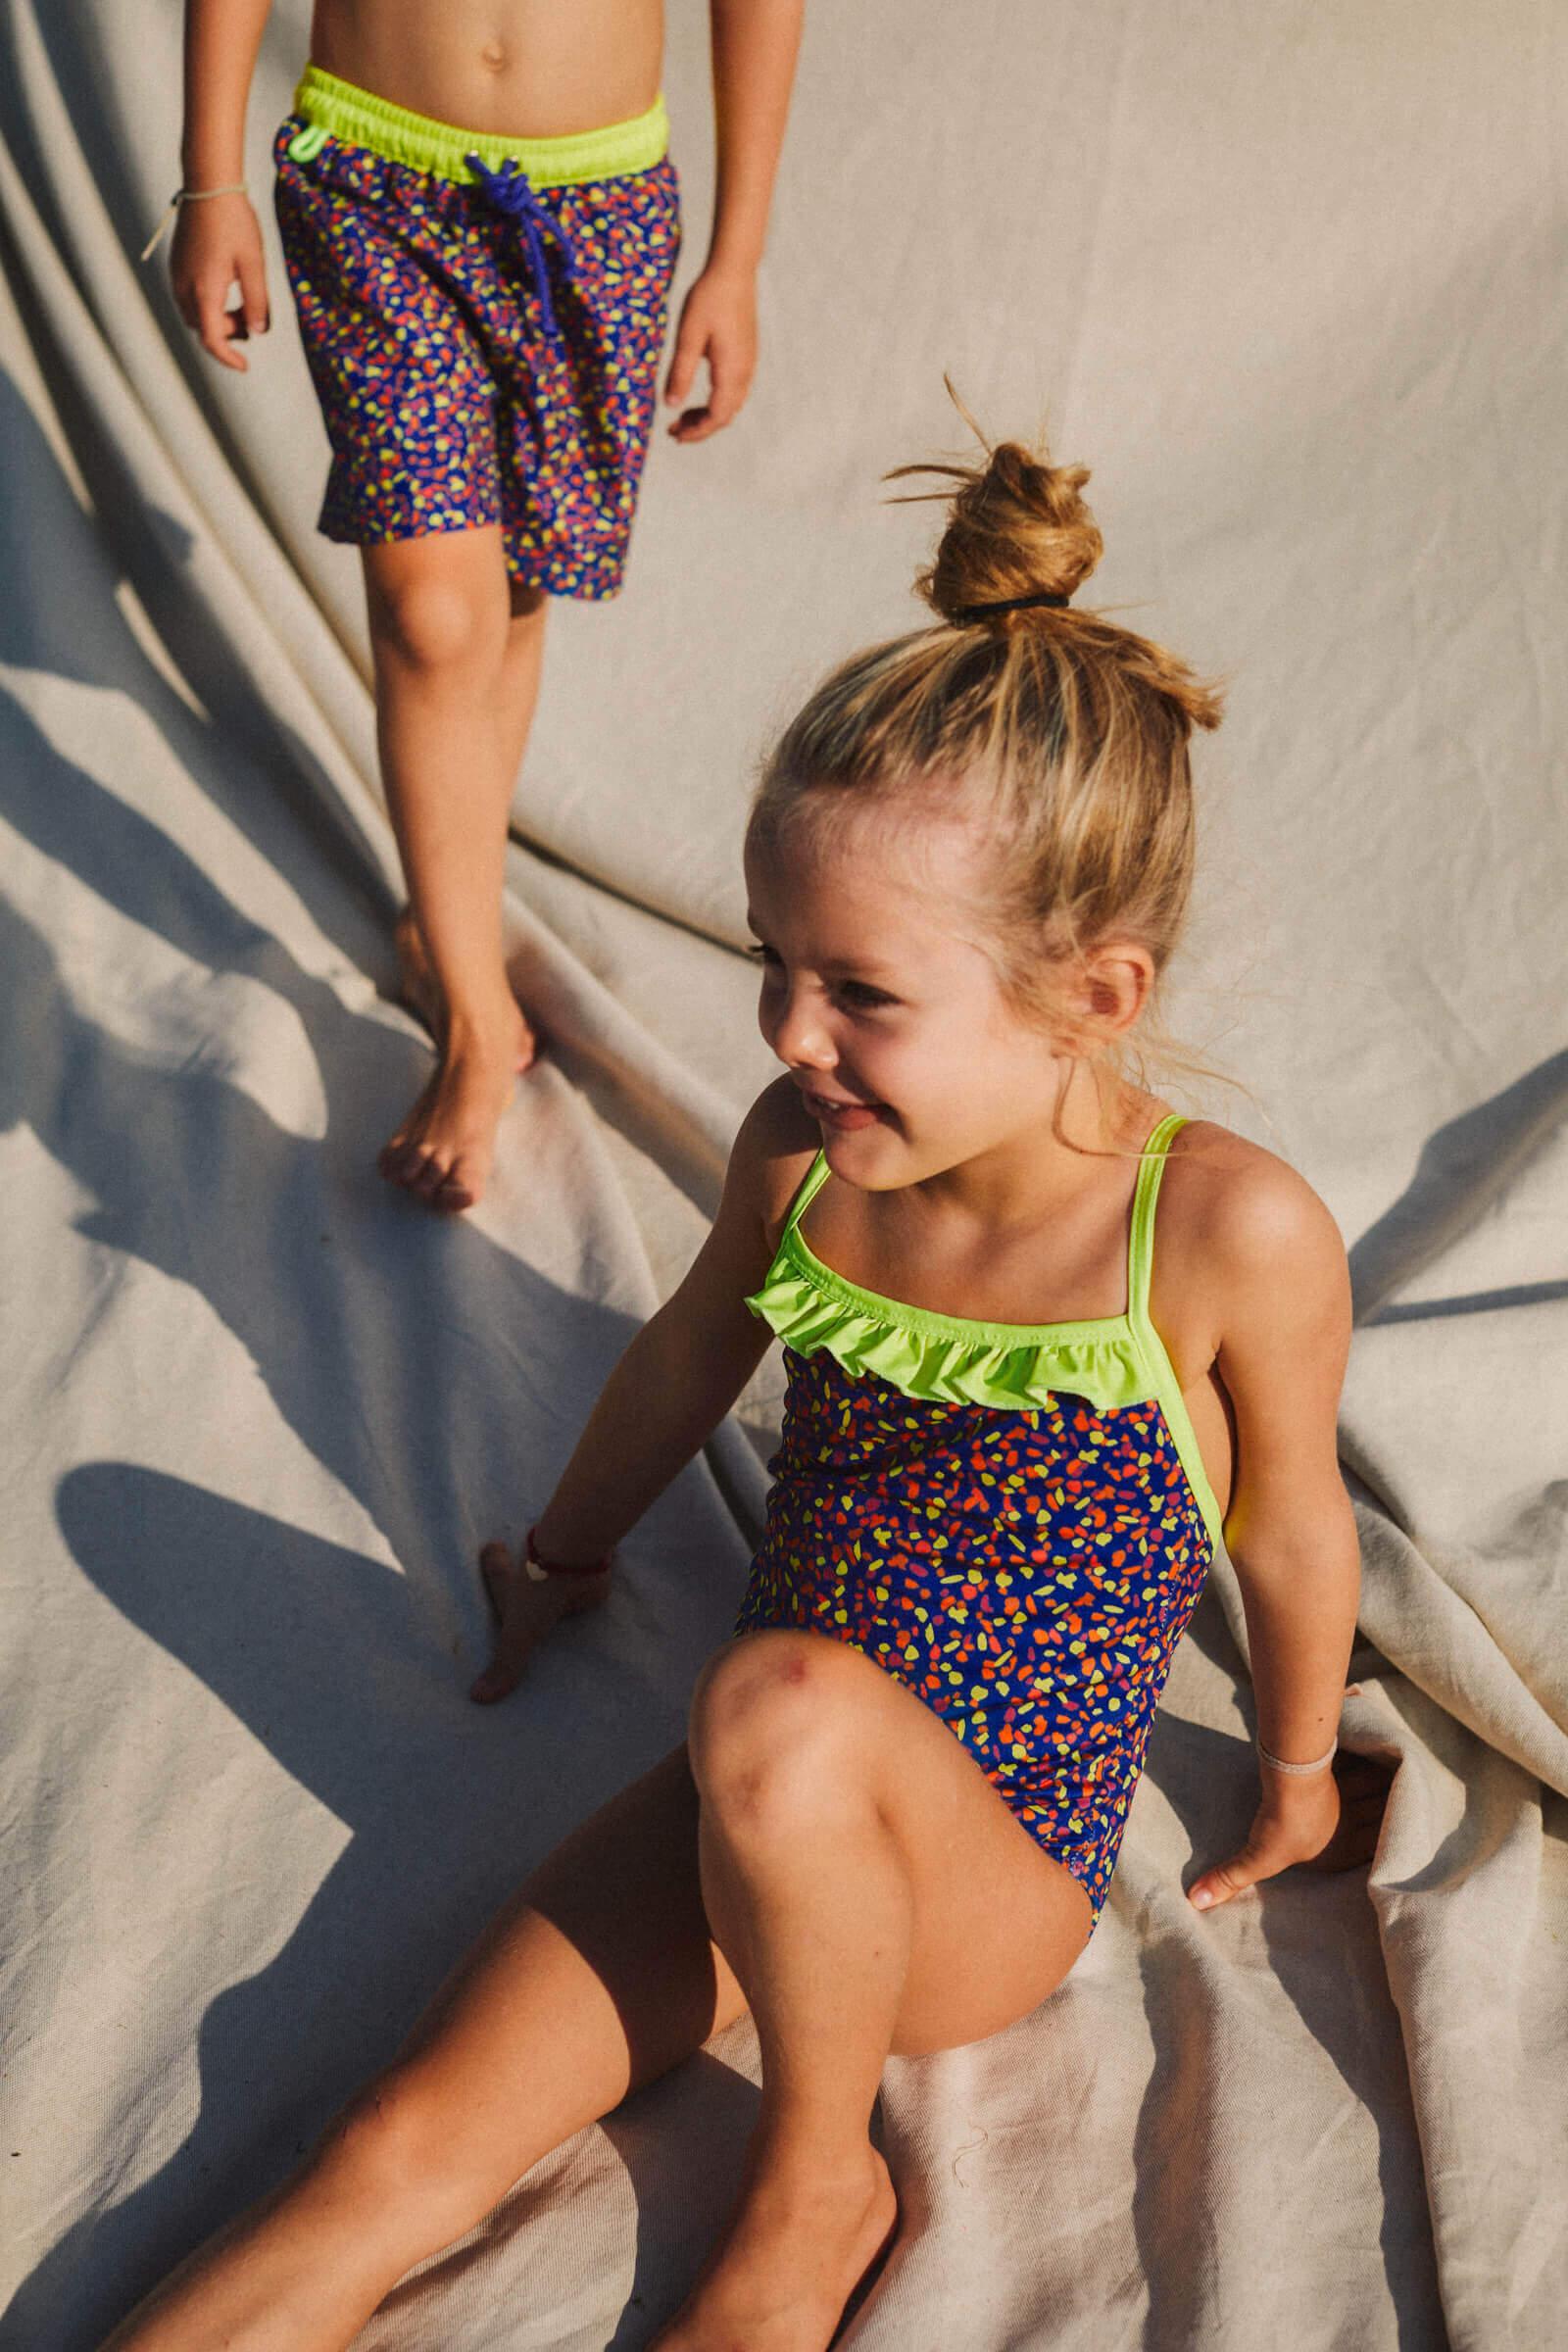 Petite fille portant un maillot de bain une-pièce Java graffiti